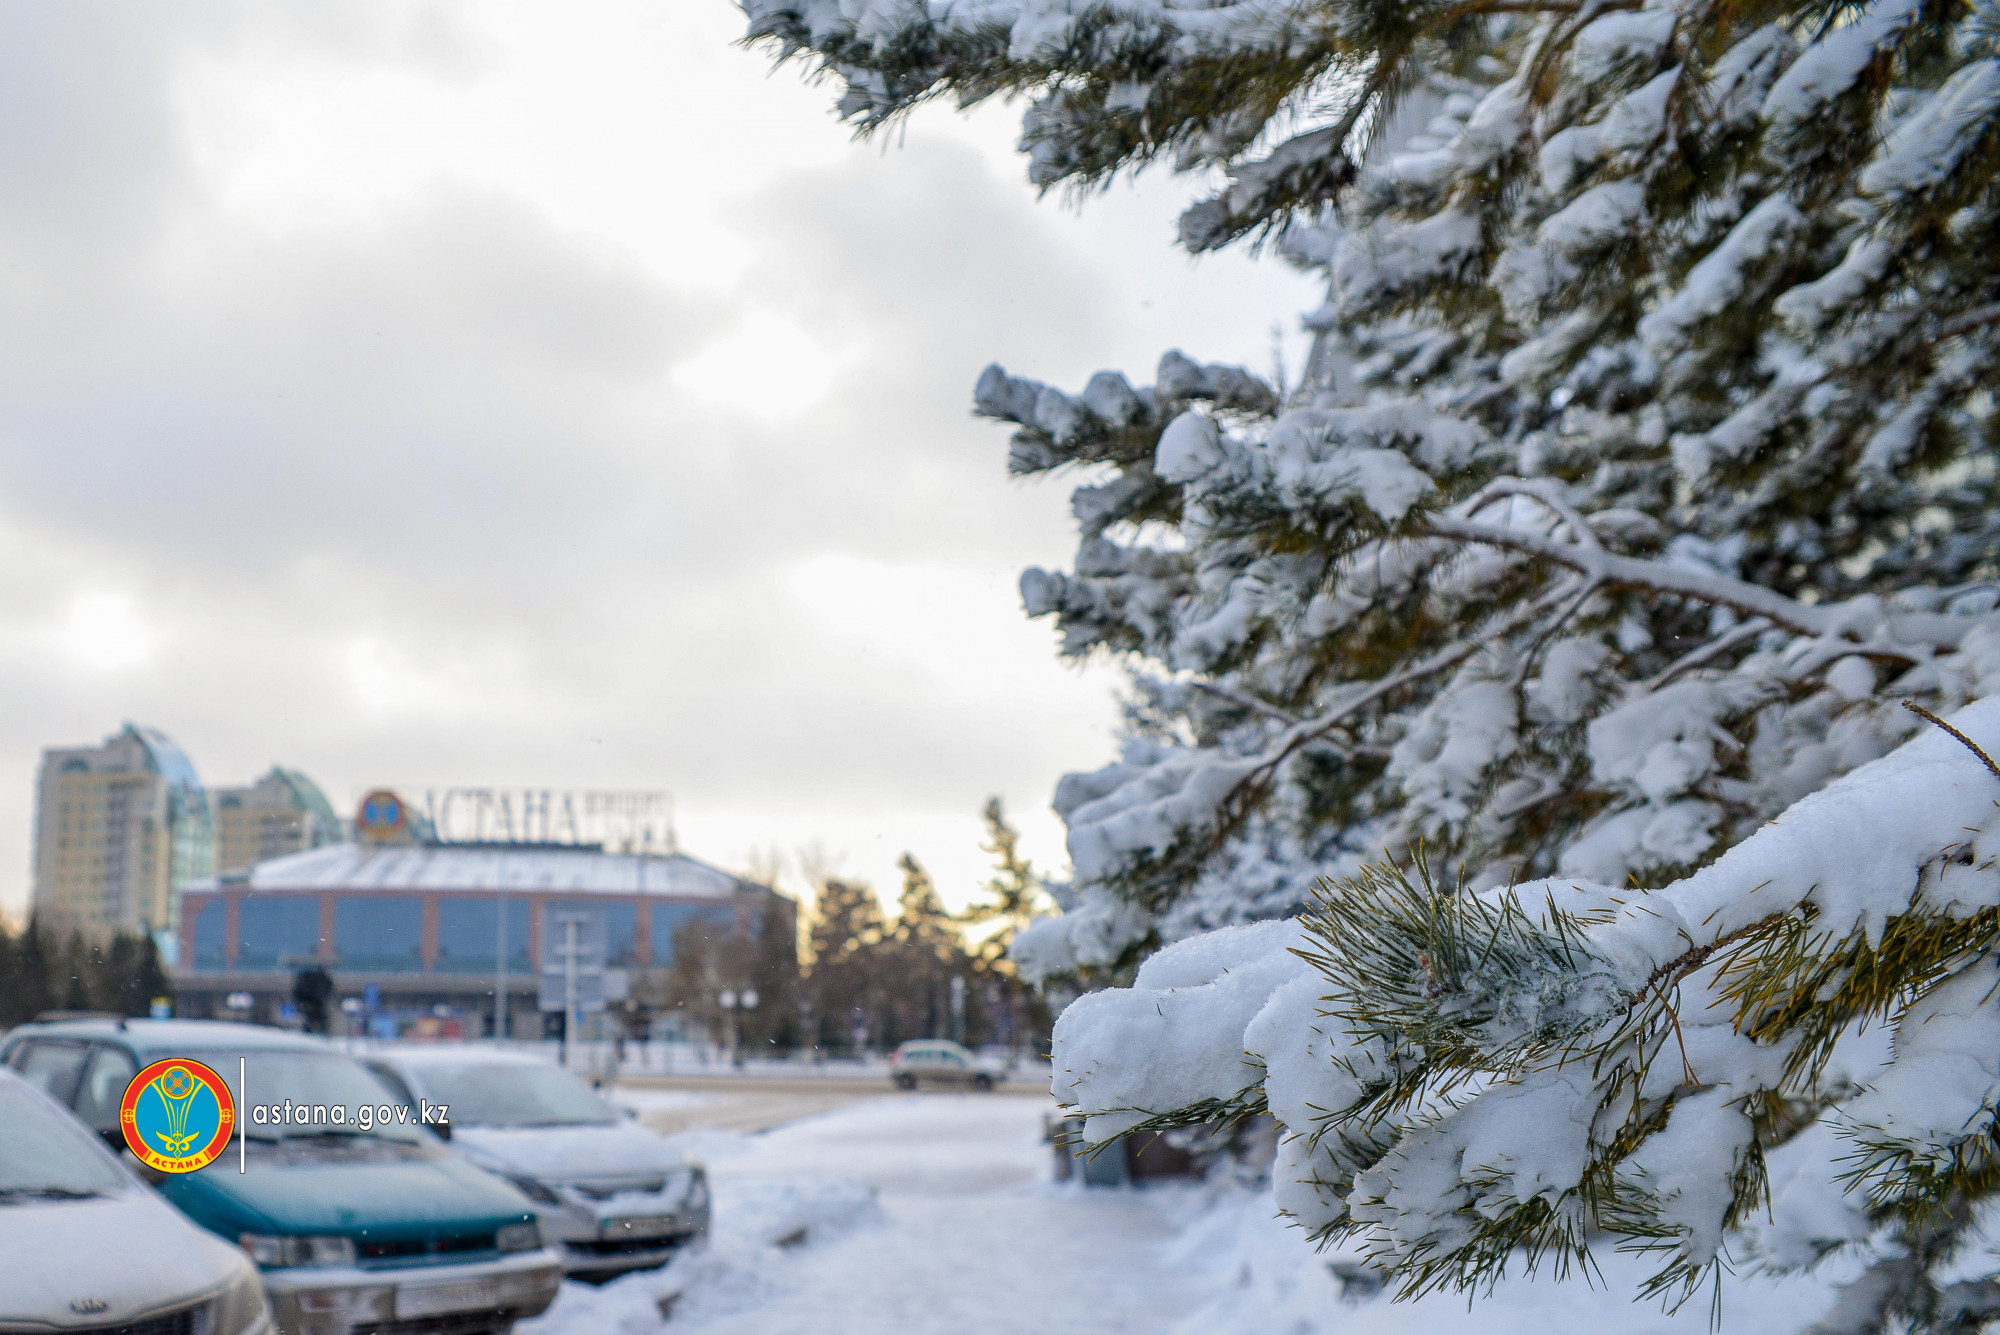 Температурные колебания от 0 до -13 °С ожидаются в Астане в ближайшие три дня